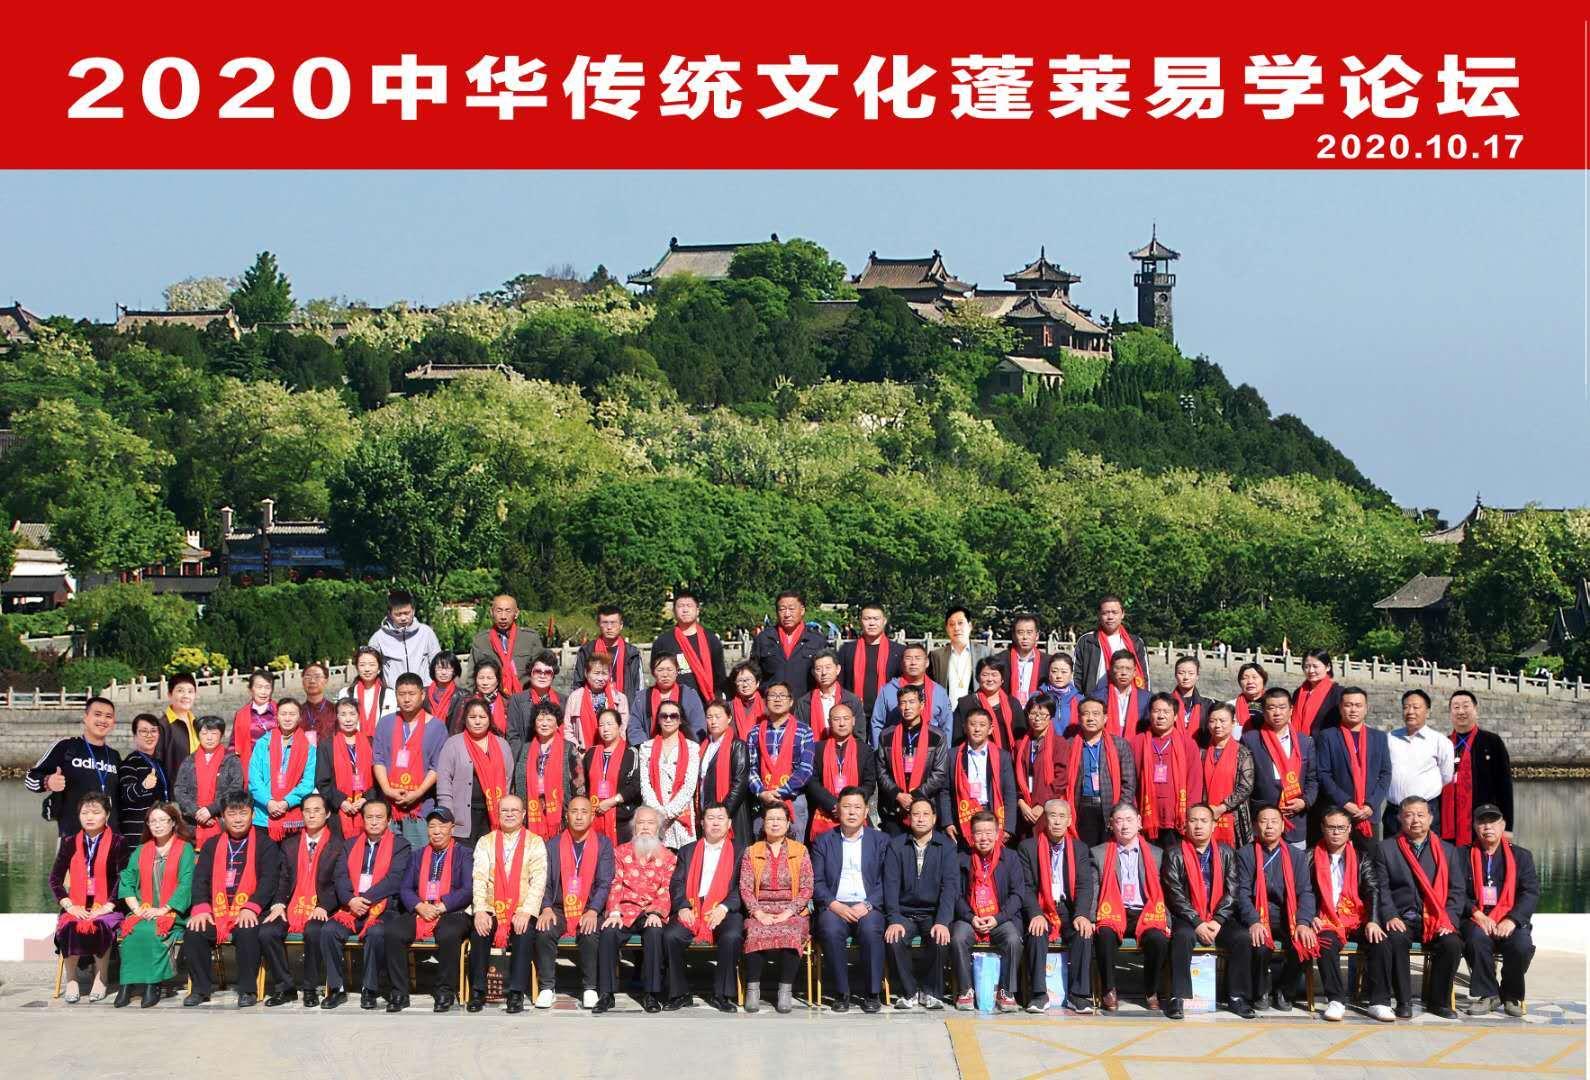 2020中华传统文化蓬莱易学论坛成功举办